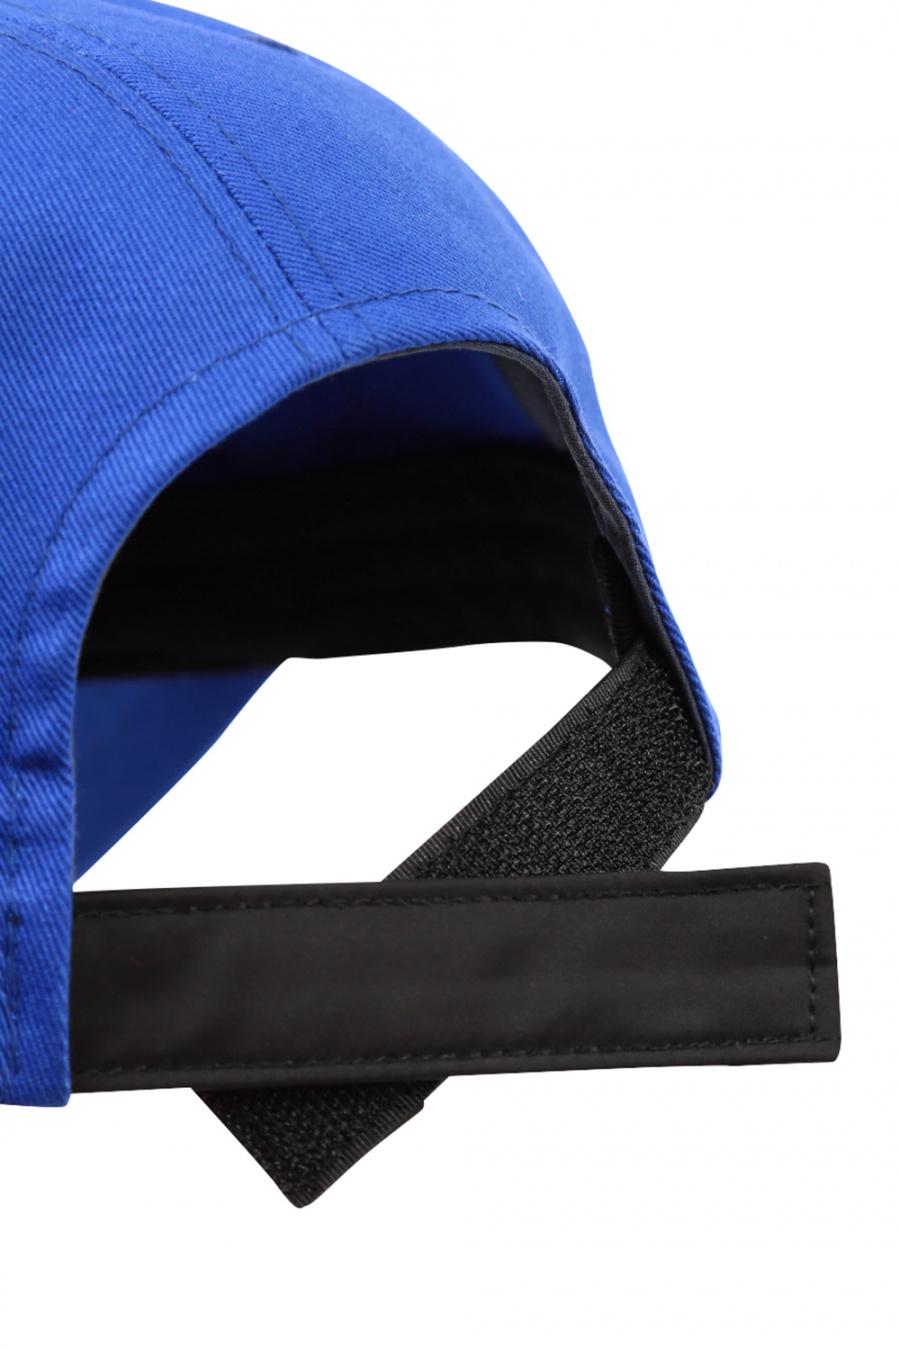 알디브이제트(RDVZ) 엔드 볼캡 블루